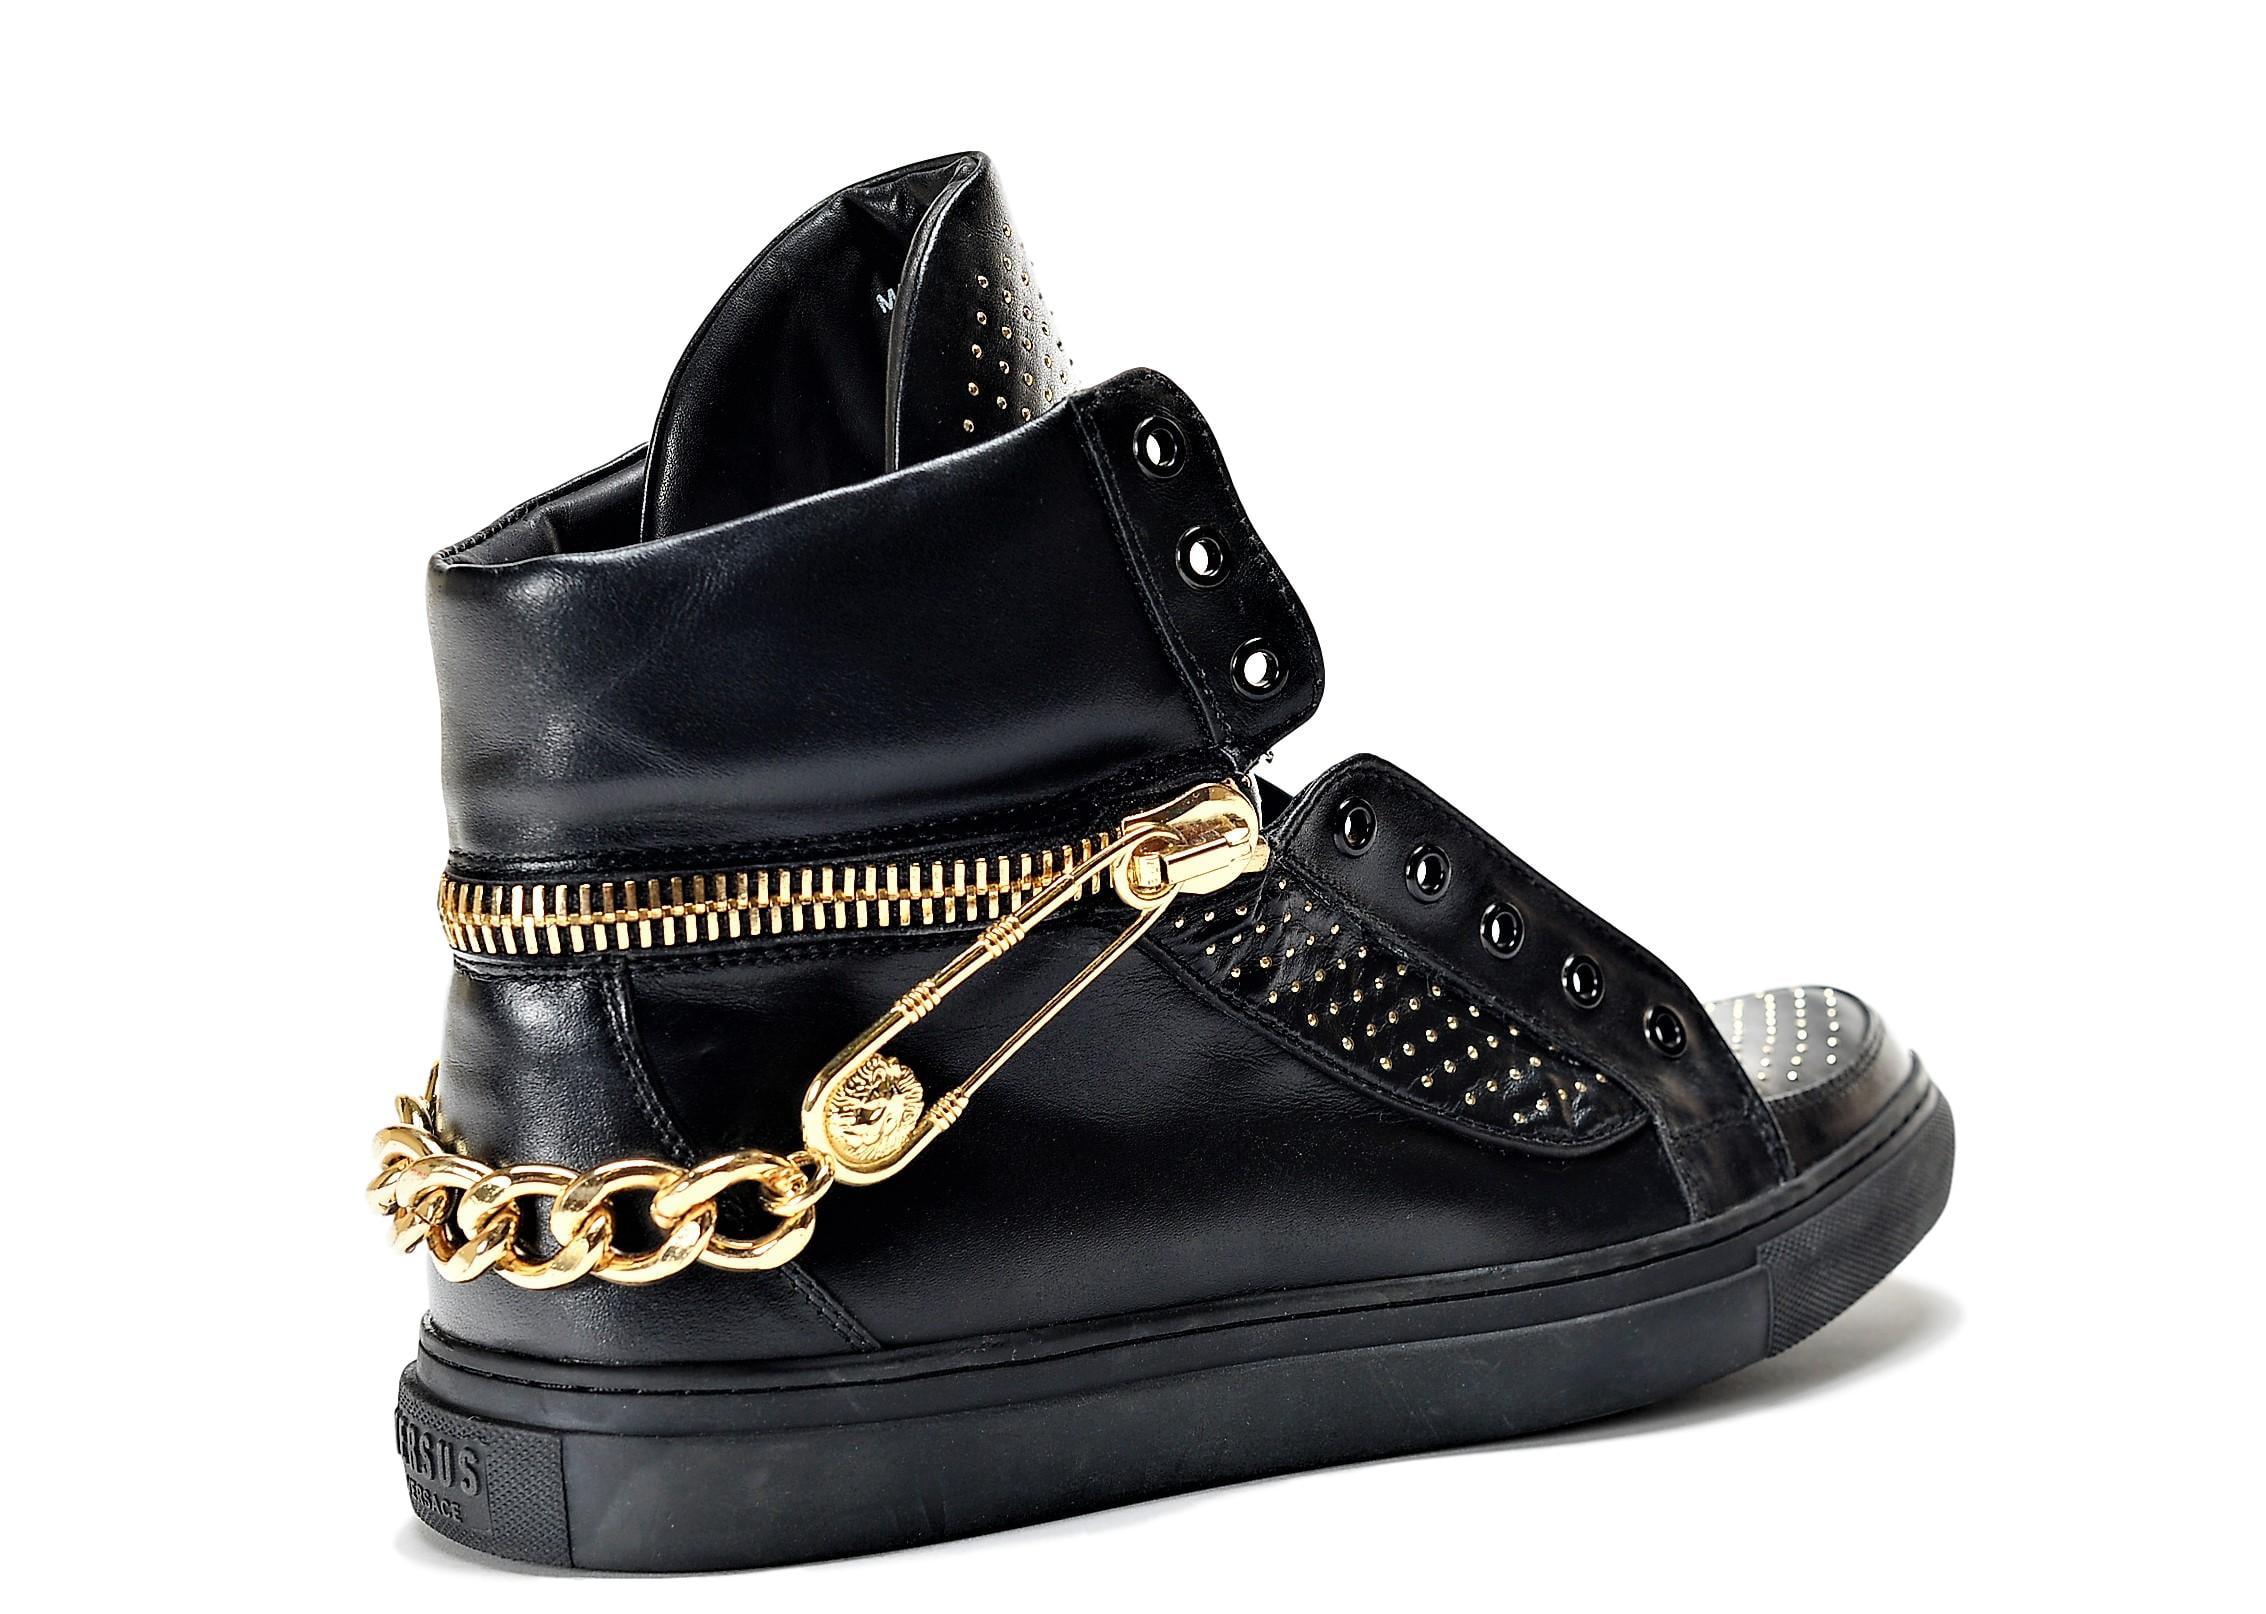 Versus Versace Versus Versace Men's Leather High Top